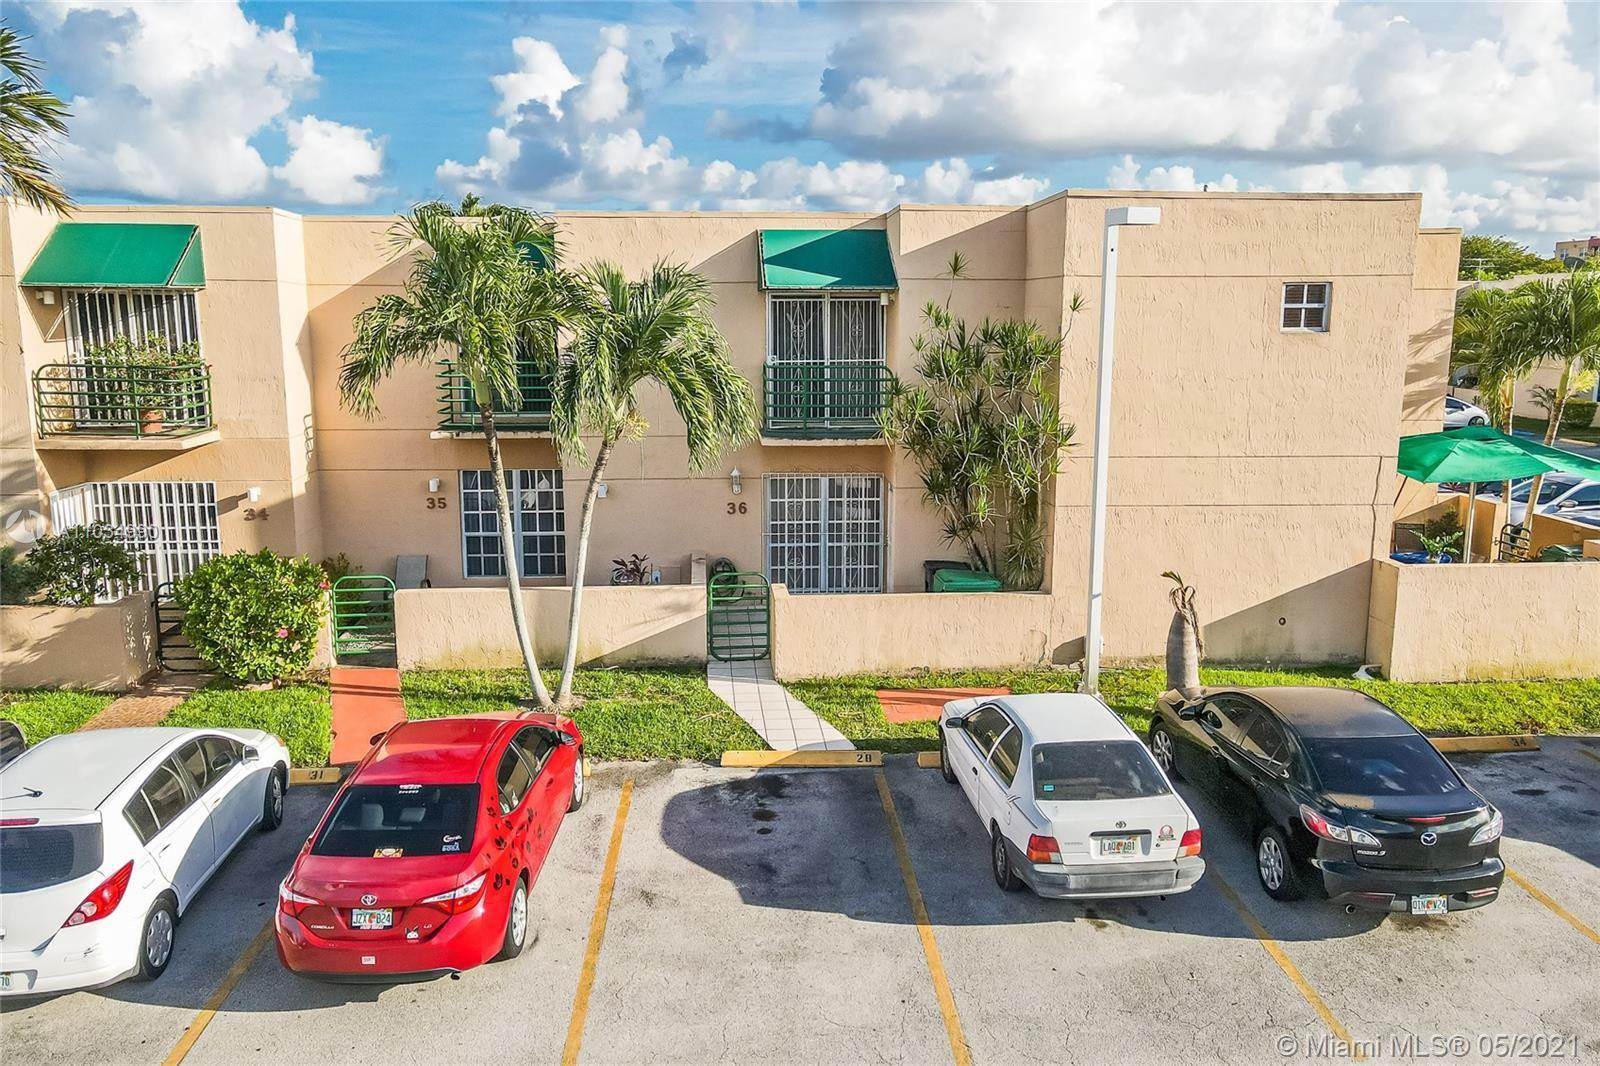 12010 SW 18th Ter #36, Miami, FL 33175 - #: A11034990